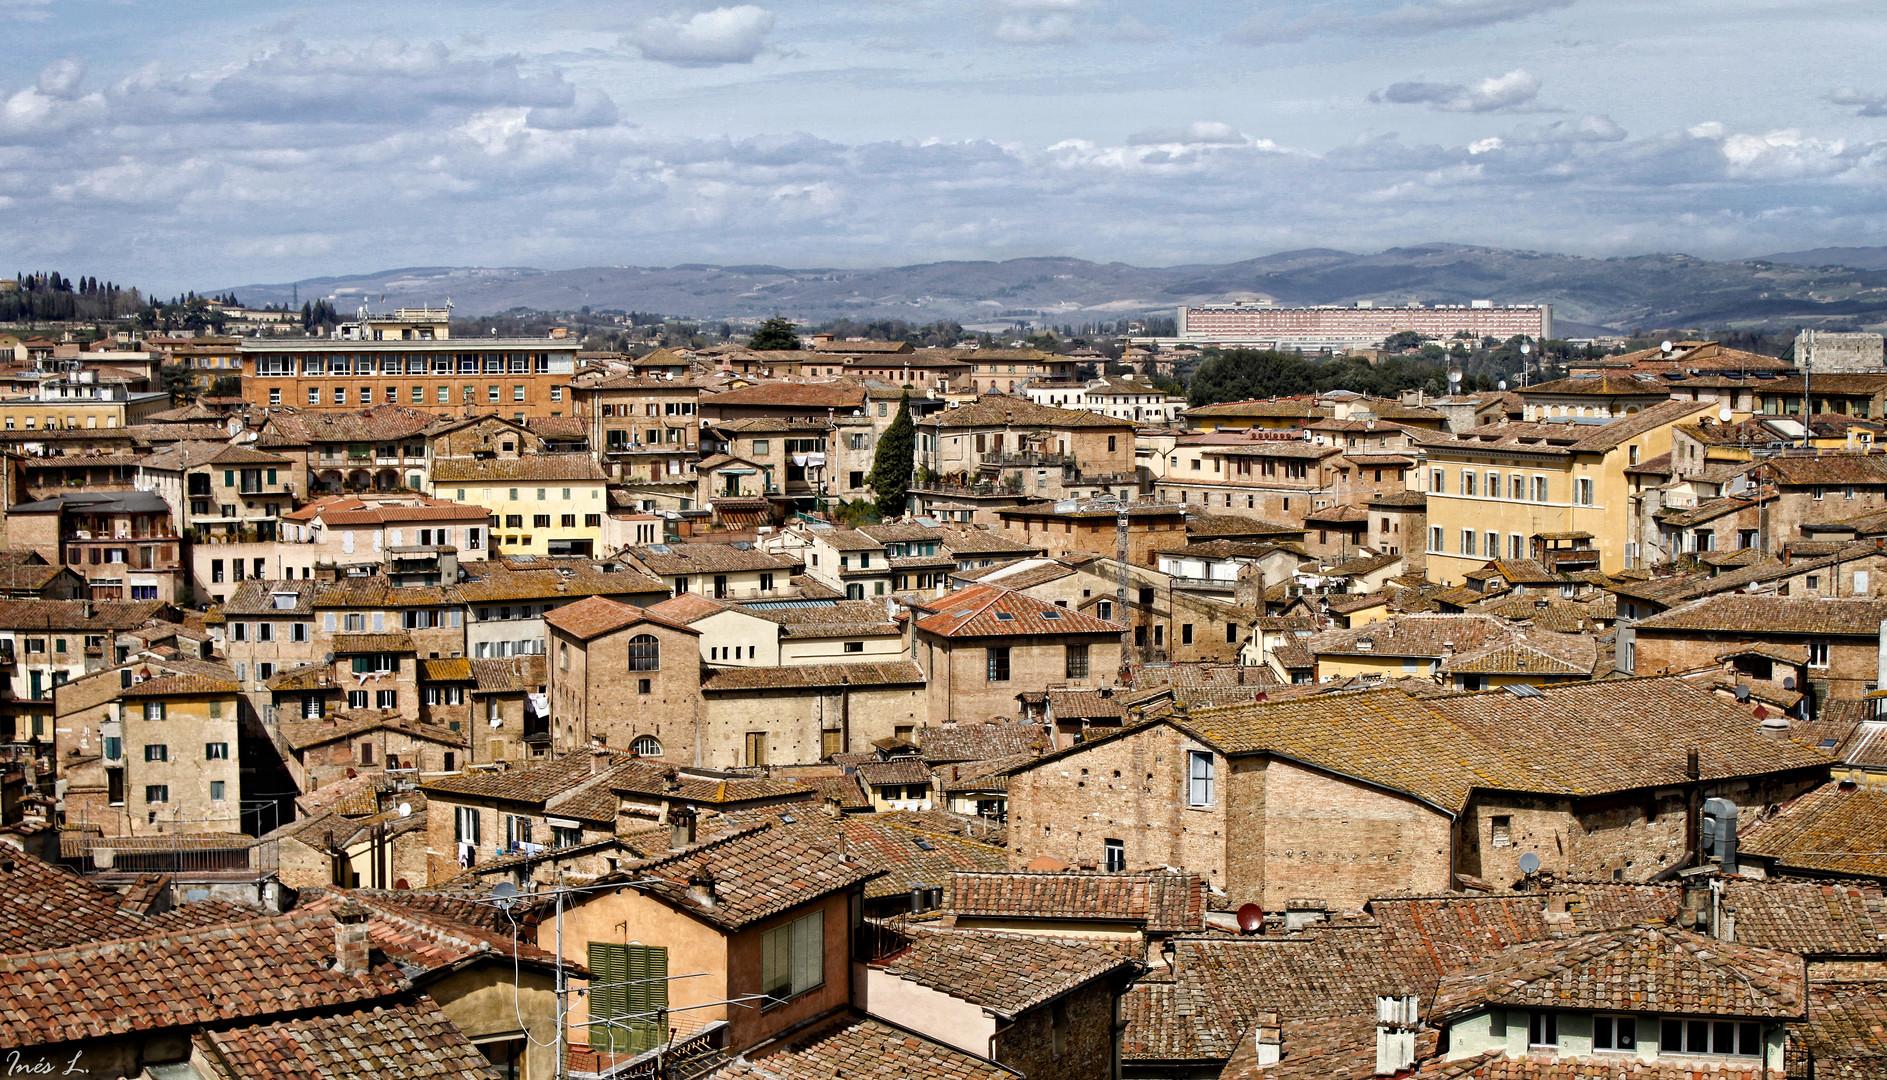 La Toscana desde la altura. (Siena).